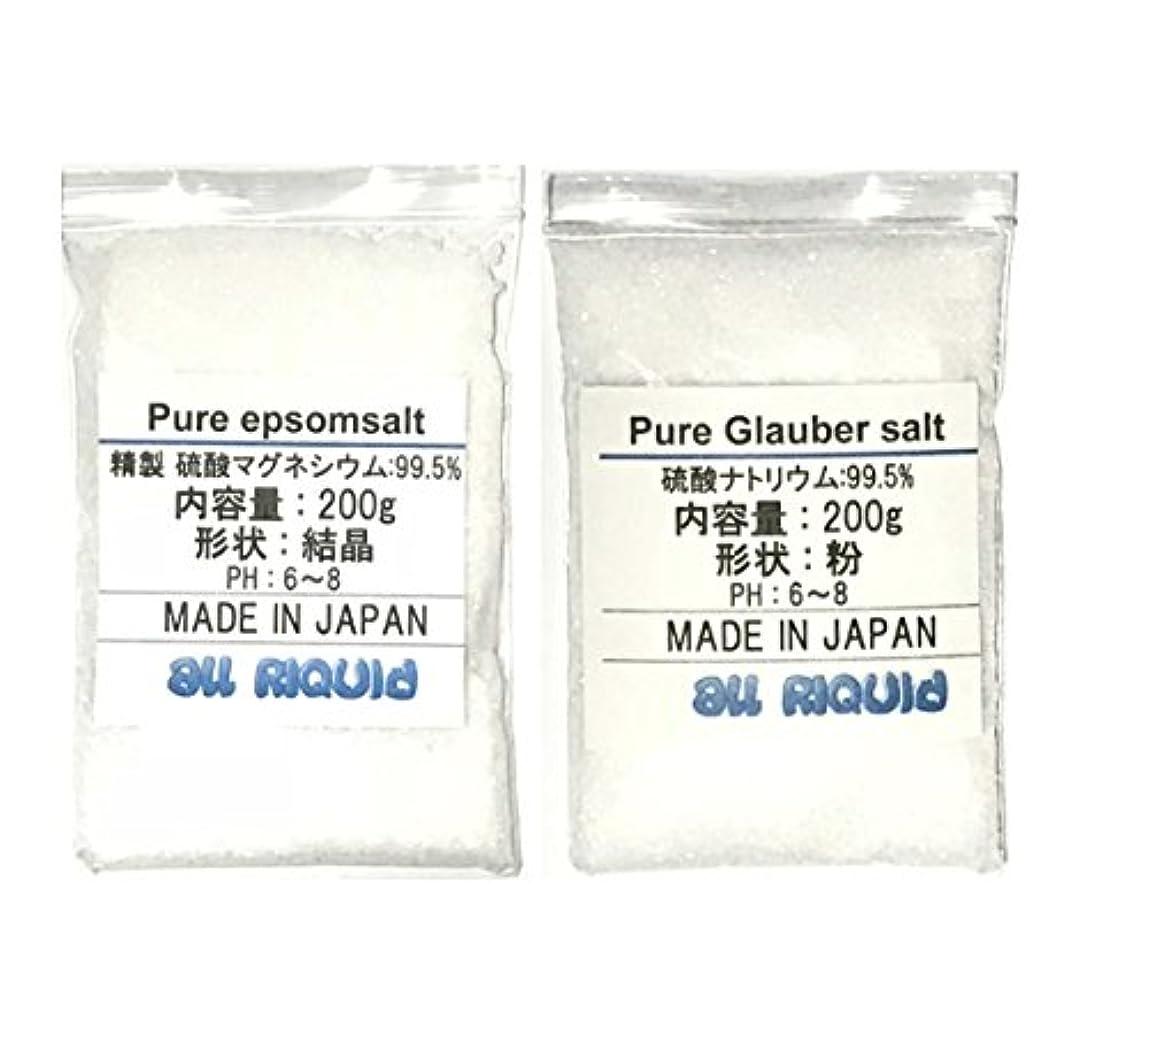 メッシュ元気なモジュール純 エプソムソルト グラウバーソルト 200g 1セット (硫酸マグネシウム?硫酸ナトリウム) 国産品 オールリキッド 芒硝